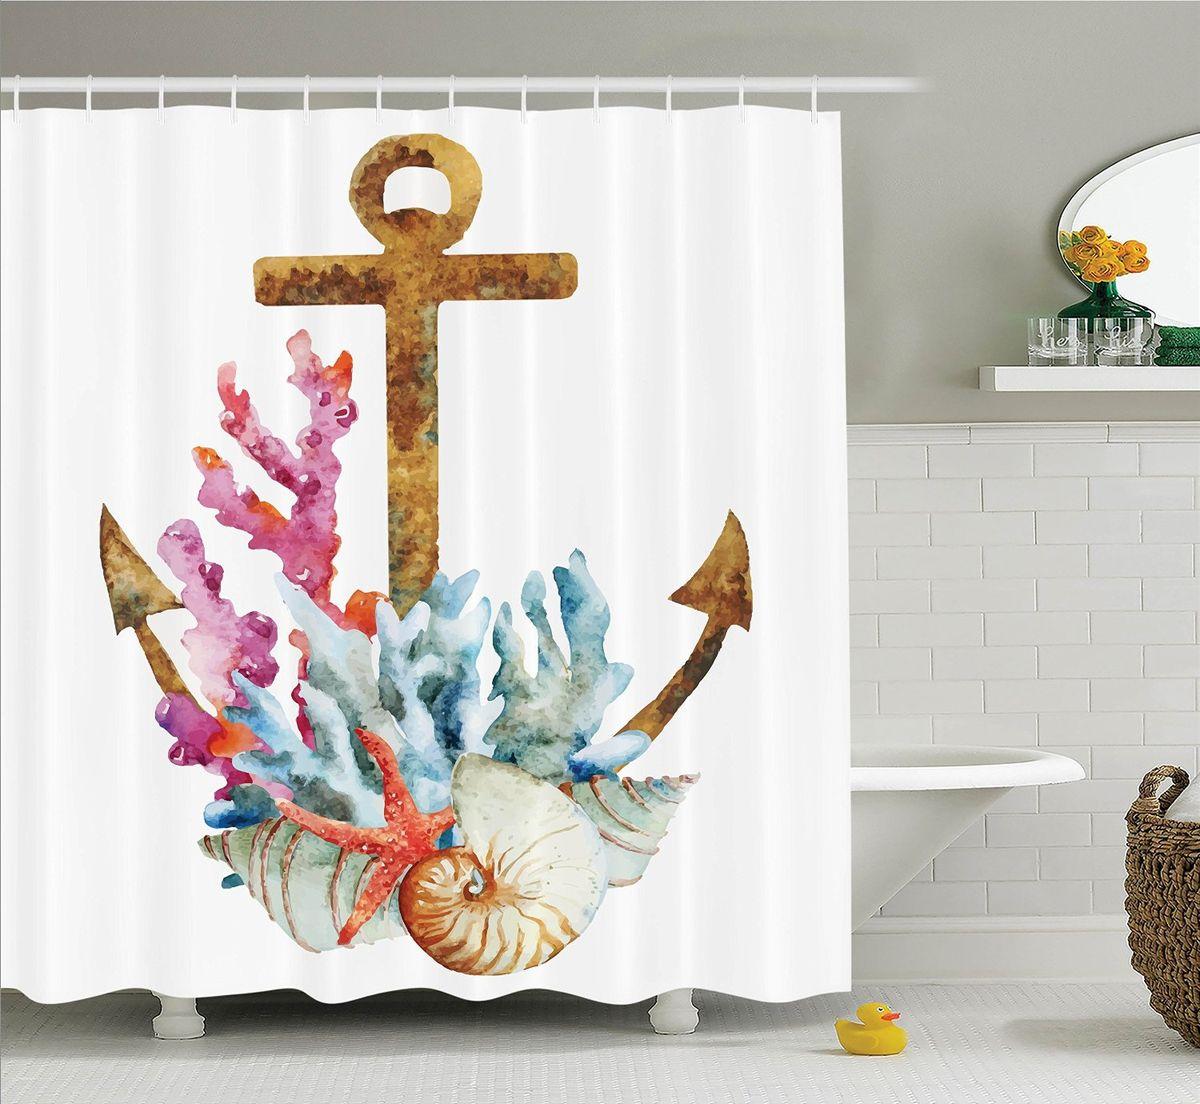 Штора для ванной комнаты Magic Lady Якорь, кораллы и ракушки, 180 х 200 см531-105Штора Magic Lady Якорь, кораллы и ракушки, изготовленная из высококачественного сатена (полиэстер 100%), отлично дополнит любой интерьер ванной комнаты. При изготовлении используются специальные гипоаллергенные чернила для прямой печати по ткани, безопасные для человека.В комплекте: 1 штора, 12 крючков. Обращаем ваше внимание, фактический цвет изделия может незначительно отличаться от представленного на фото.